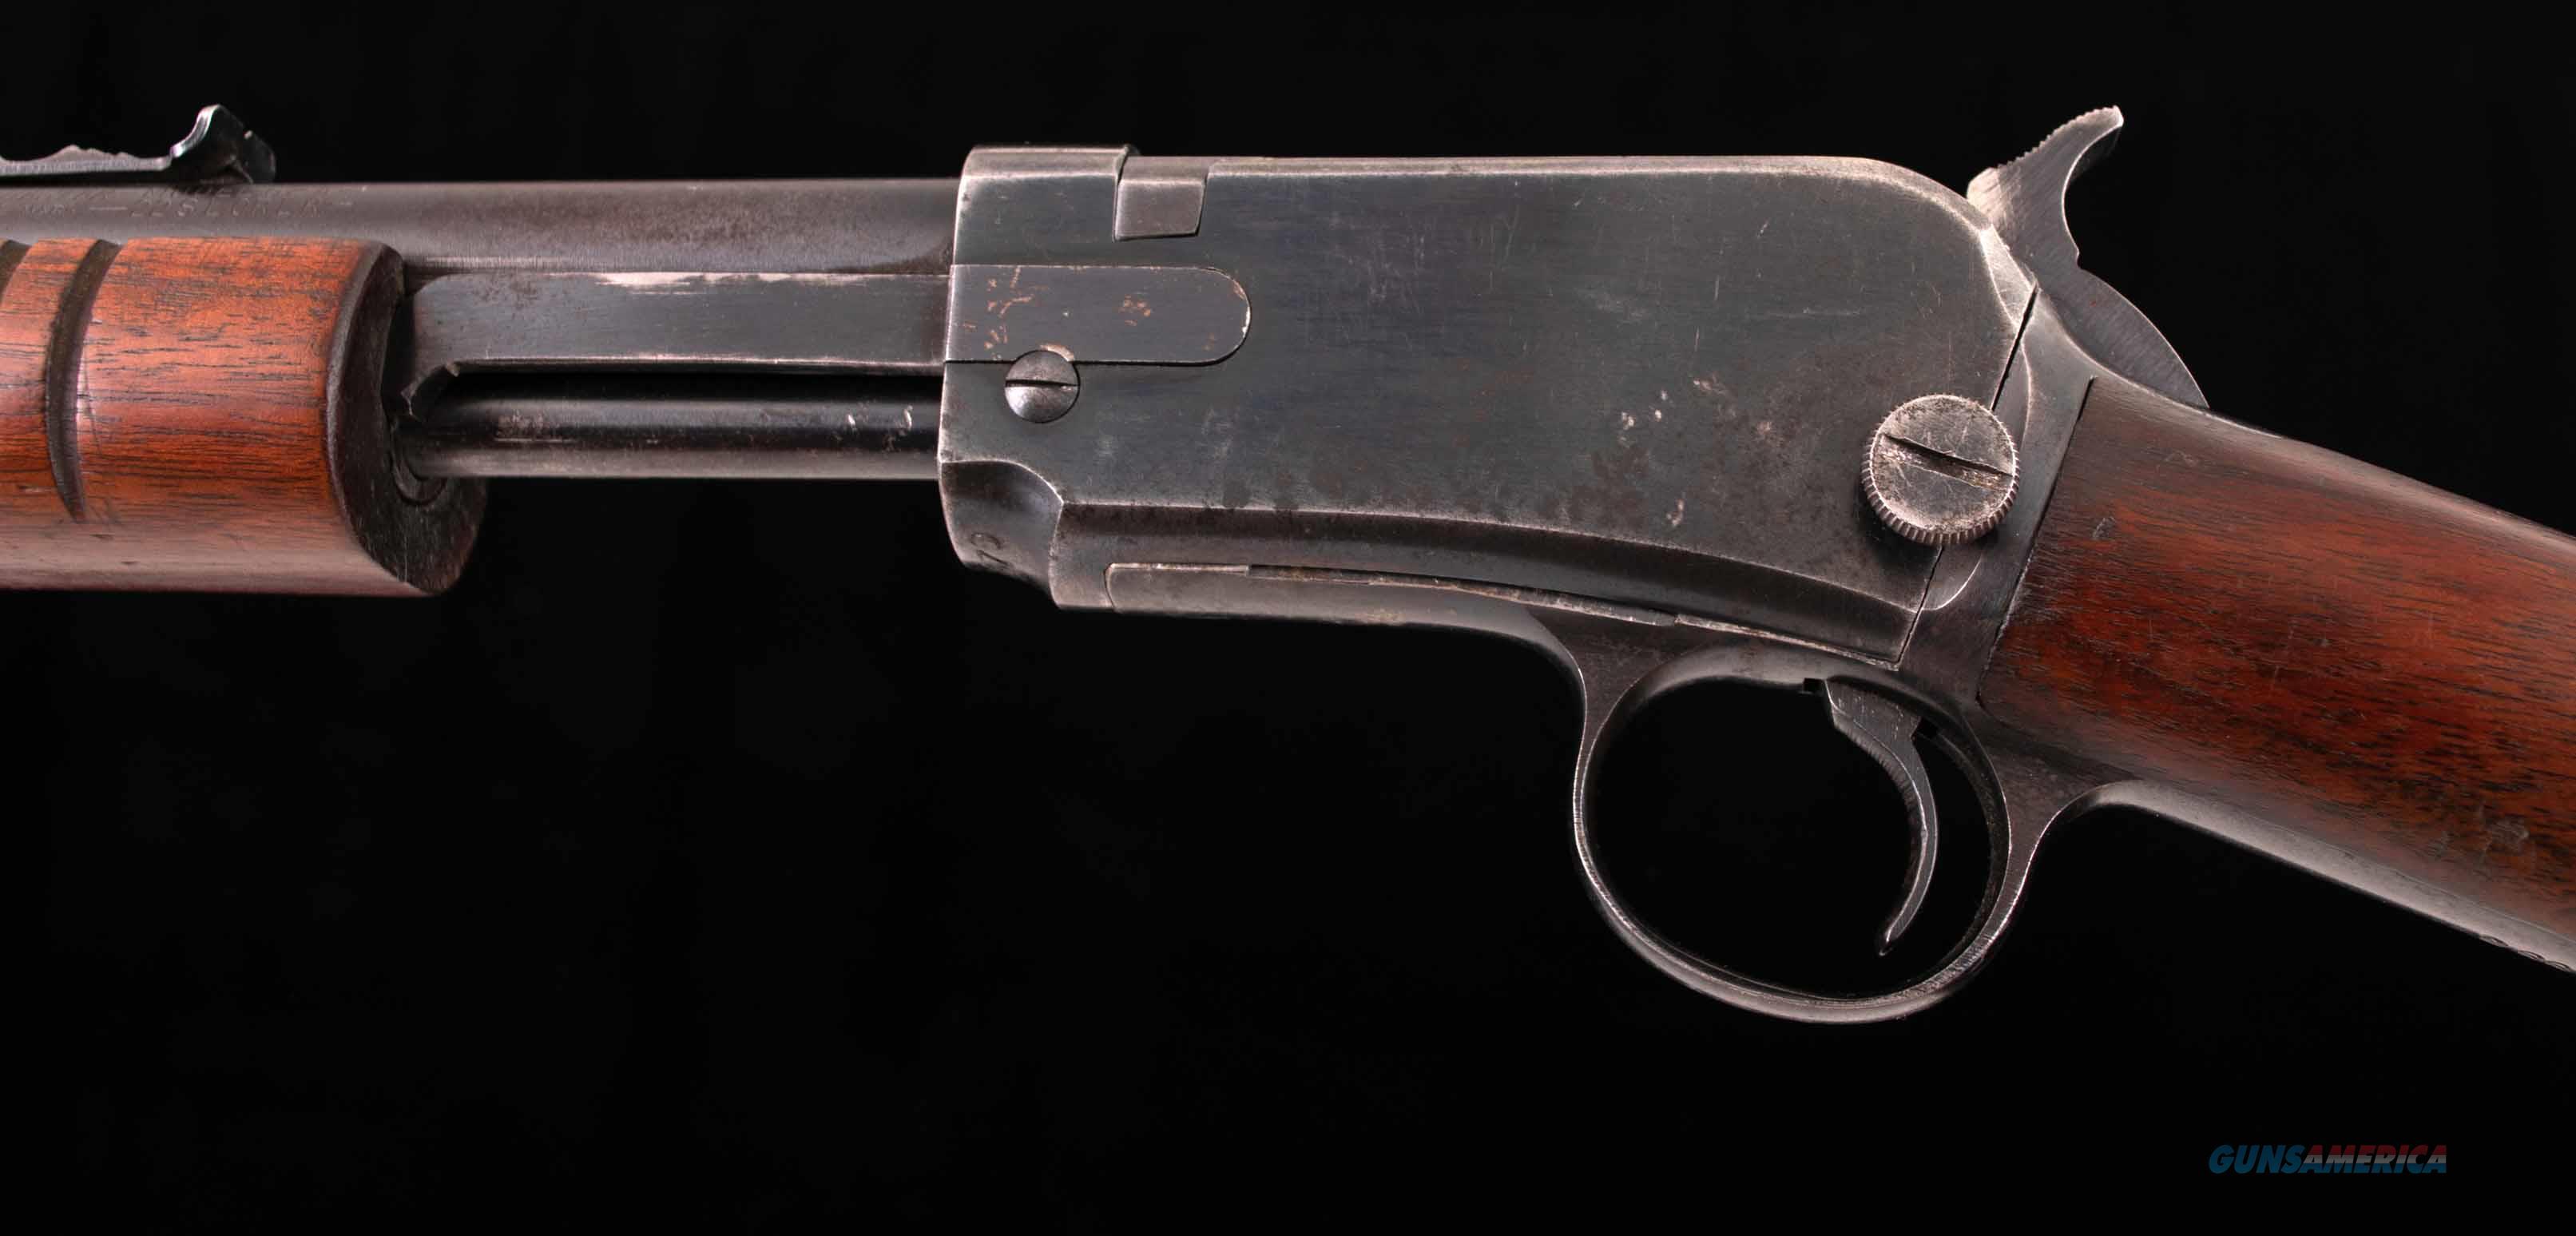 Winchester Model 62 A– 1950, 93%, FACTORY ORIGINAL, vintage firearms inc   Guns > Rifles > Winchester Rifles - Modern Pump